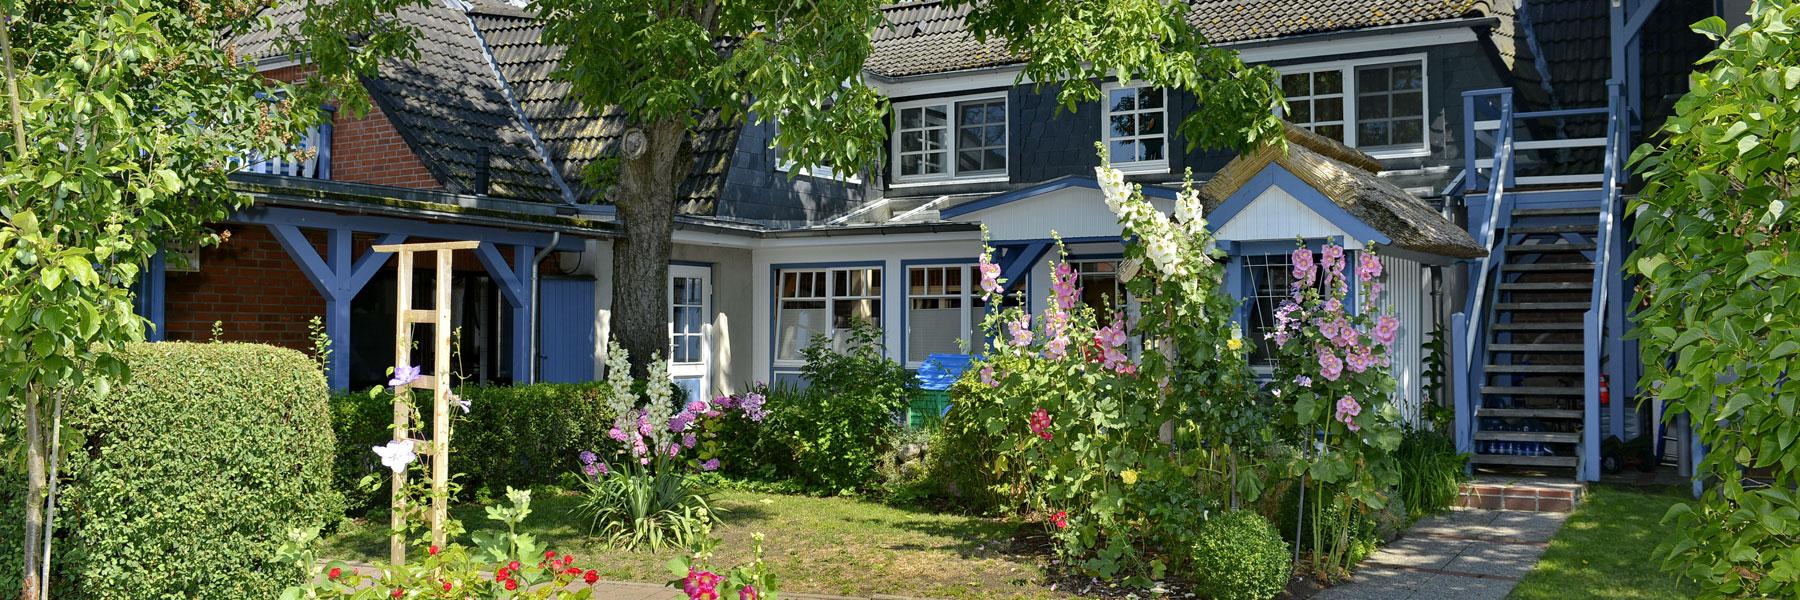 Garten - Pension & Restaurant Schifferwiege